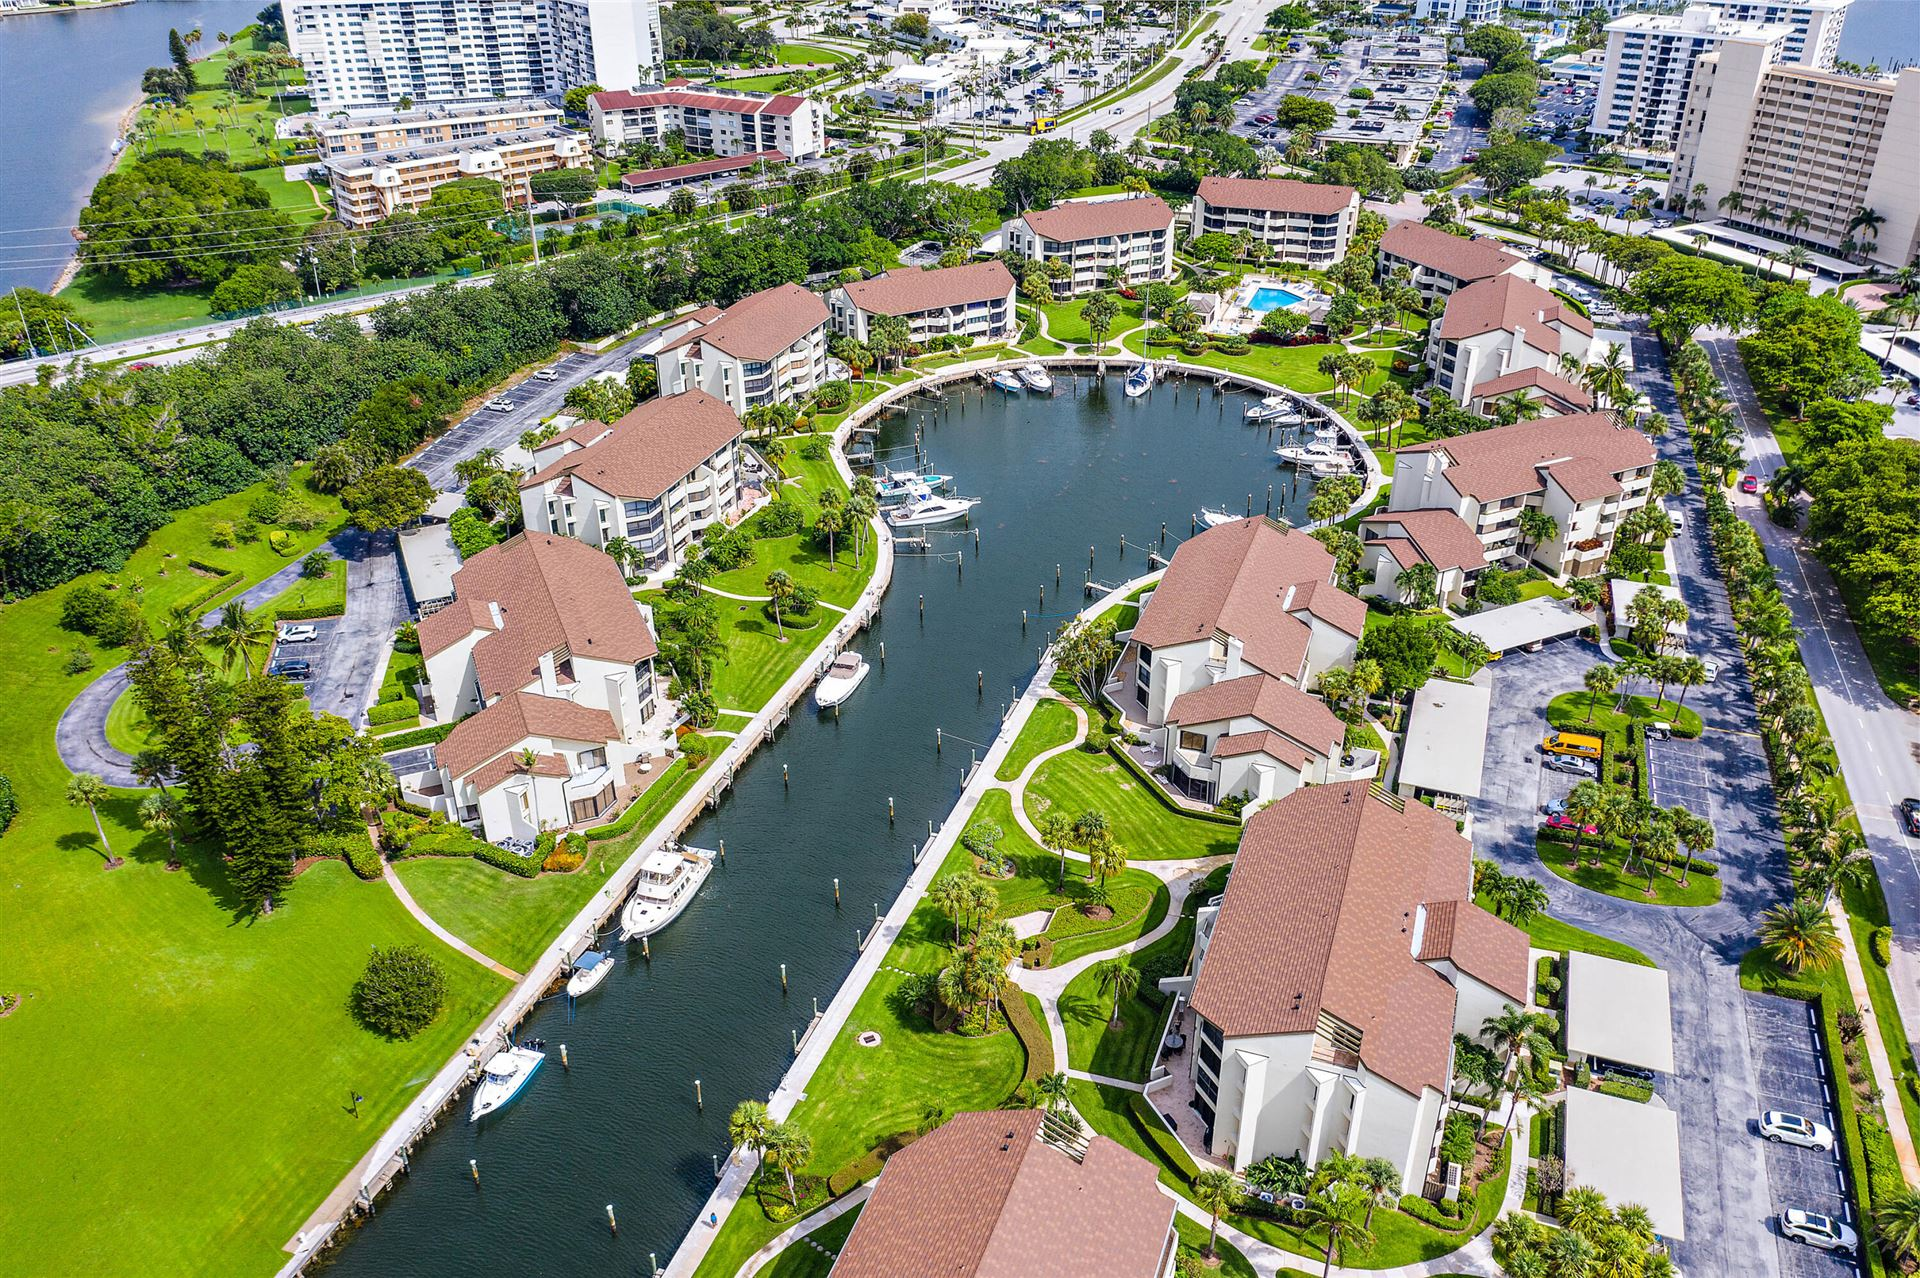 Photo of 1100 W Marine A1l Way W #A1l, North Palm Beach, FL 33408 (MLS # RX-10726509)